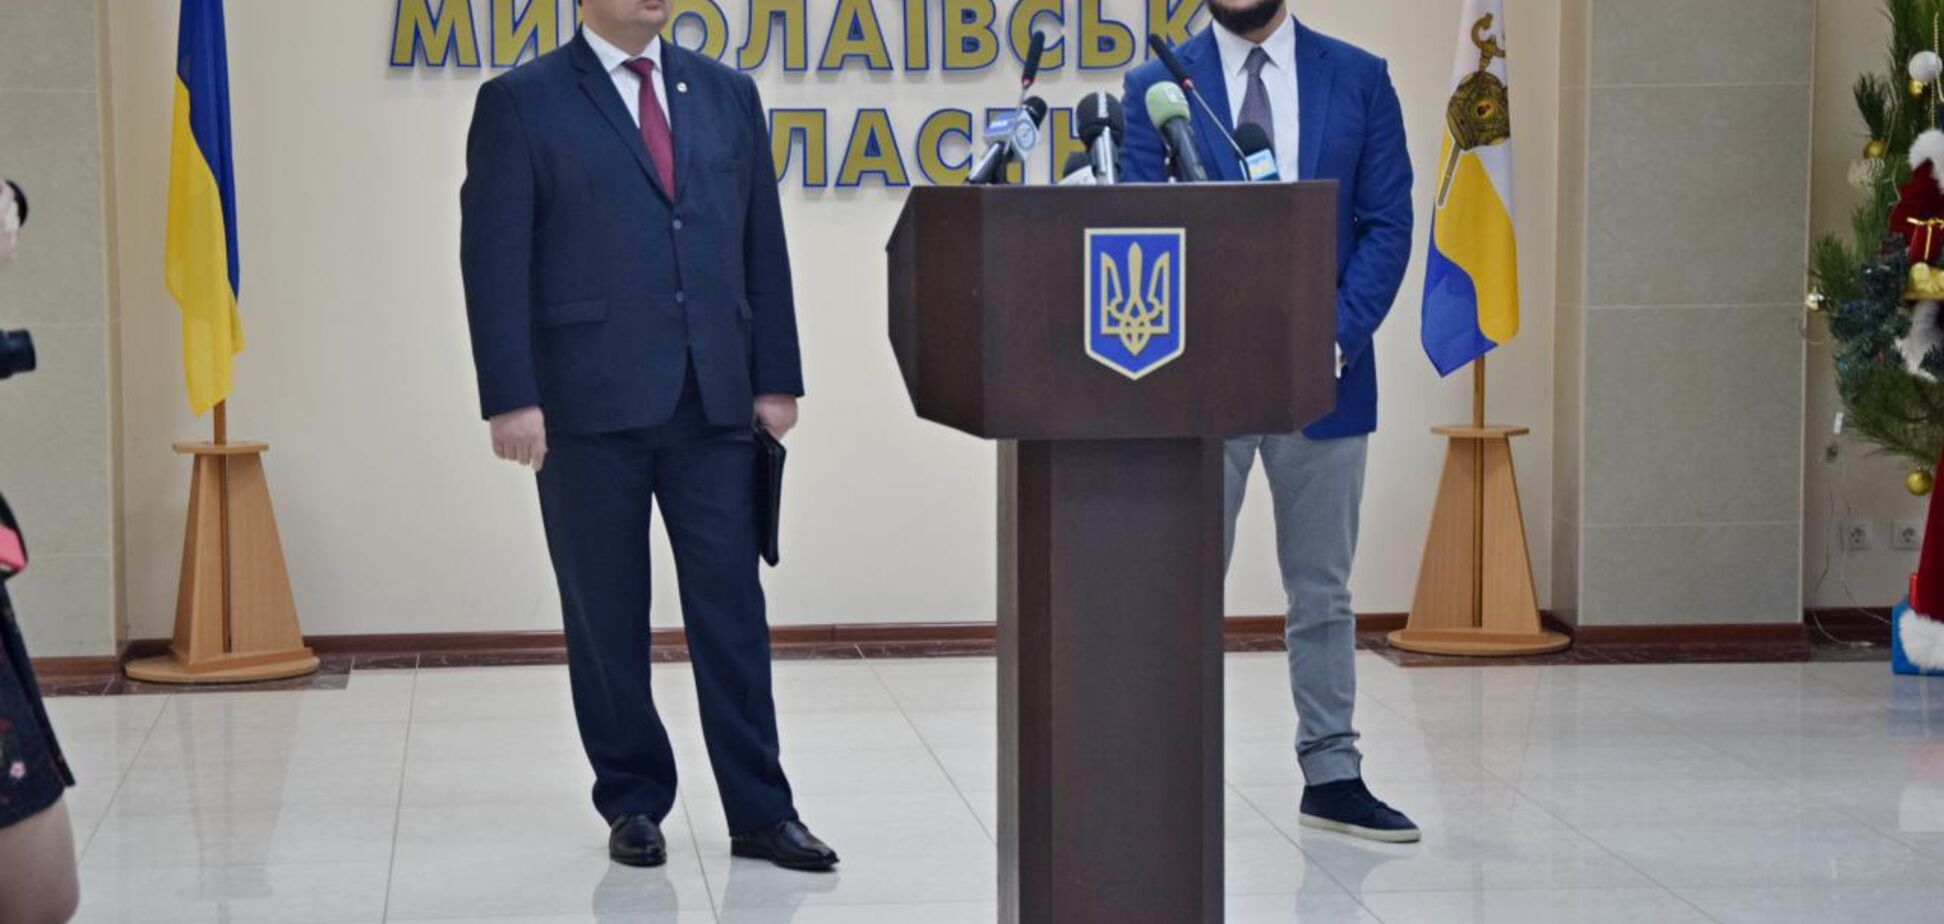 Предлагали 2,5 млн: стали известны подробности дачи взятки Савченко